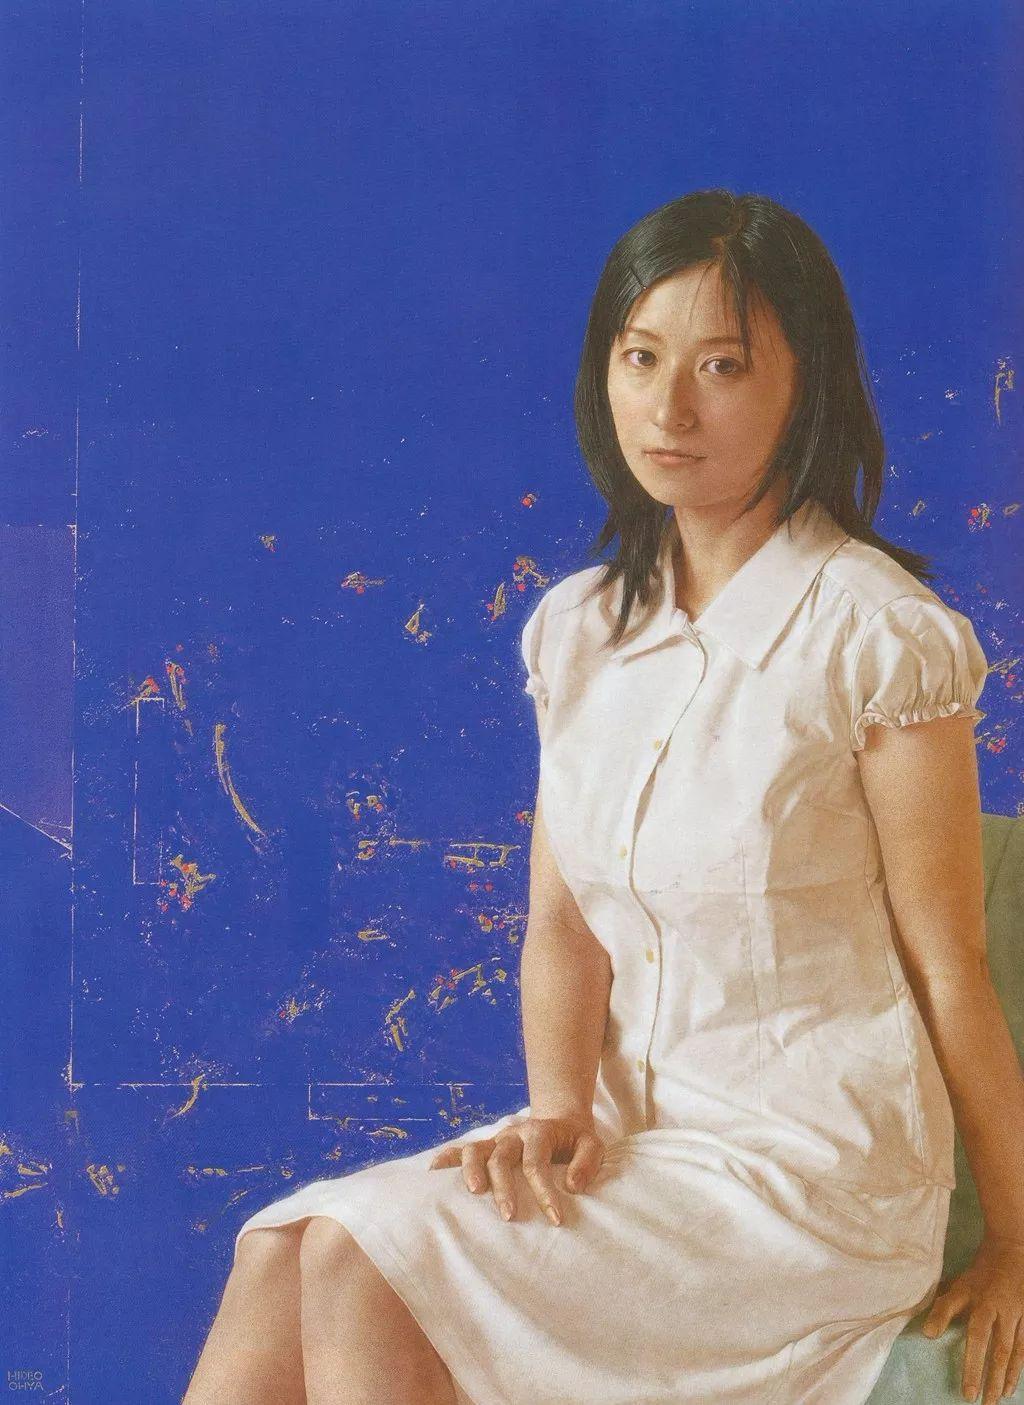 日本青年写实油画 22位画家作品插图149